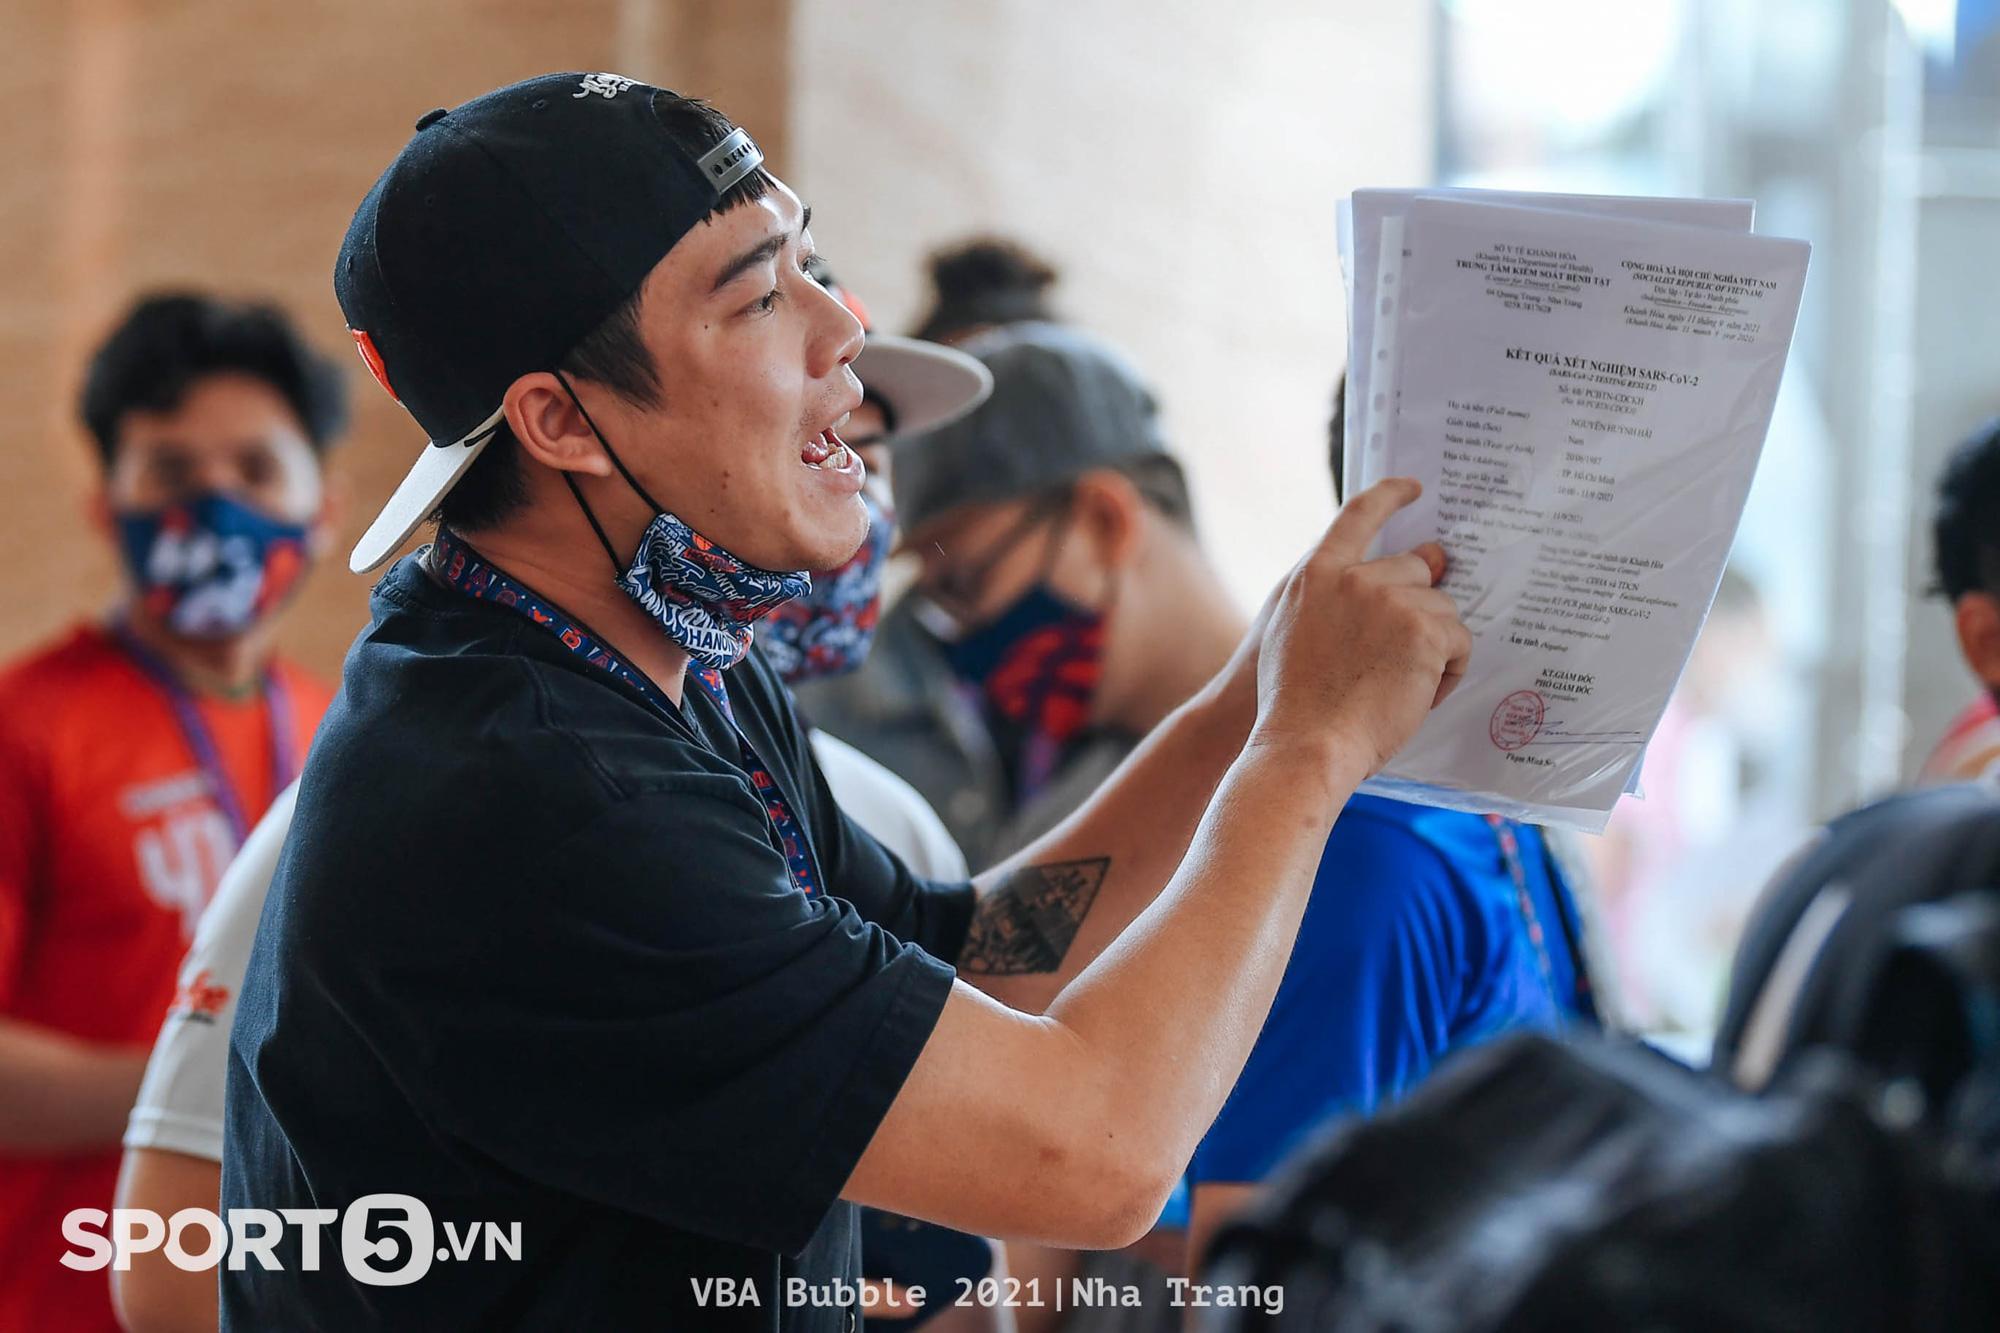 Hồi kết của VBA 2021: Gian nan và thử thách trên những chuyến xe xuyên Việt trở về nhà - Ảnh 7.